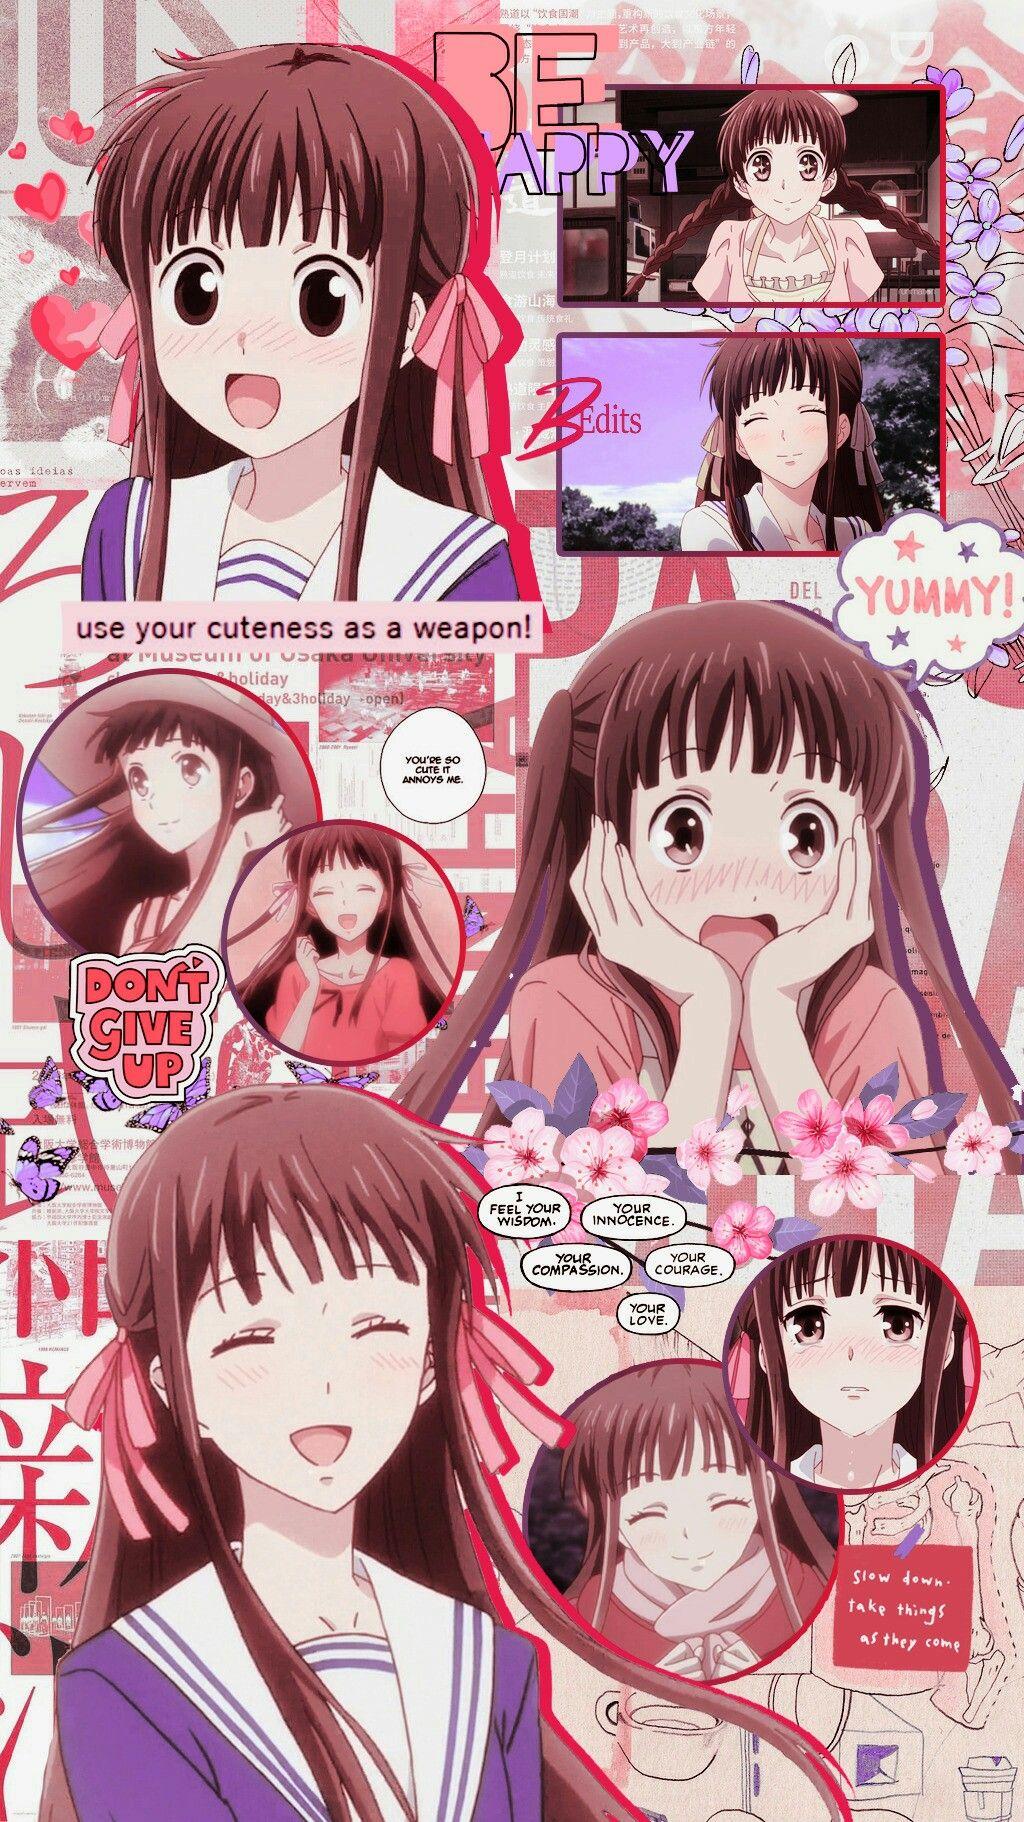 Pin by Lυղɑtɨ☪ on Anime in 2020 Fruits basket anime